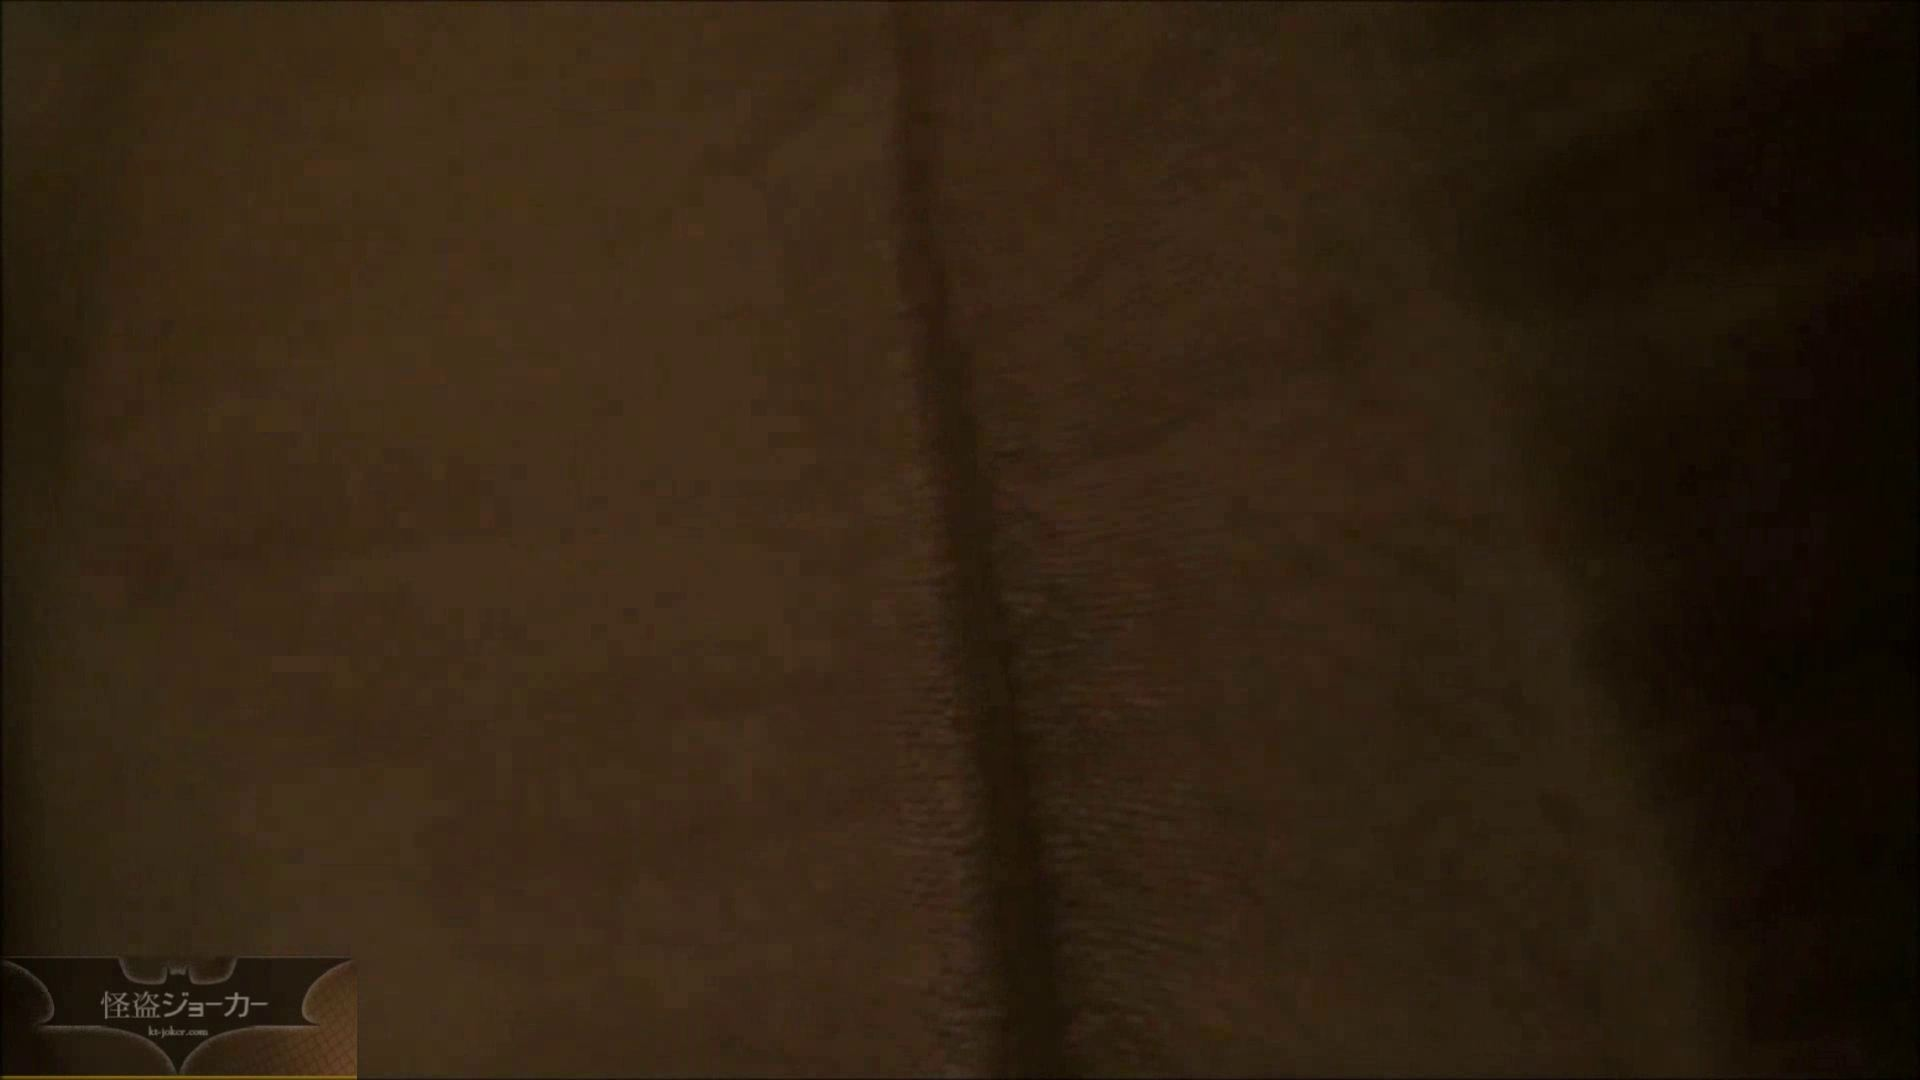 【未公開】vol.18 ●女末が避妊具も付けず、肉体で繋がる時・・・。 OLハメ撮り  80Pix 10